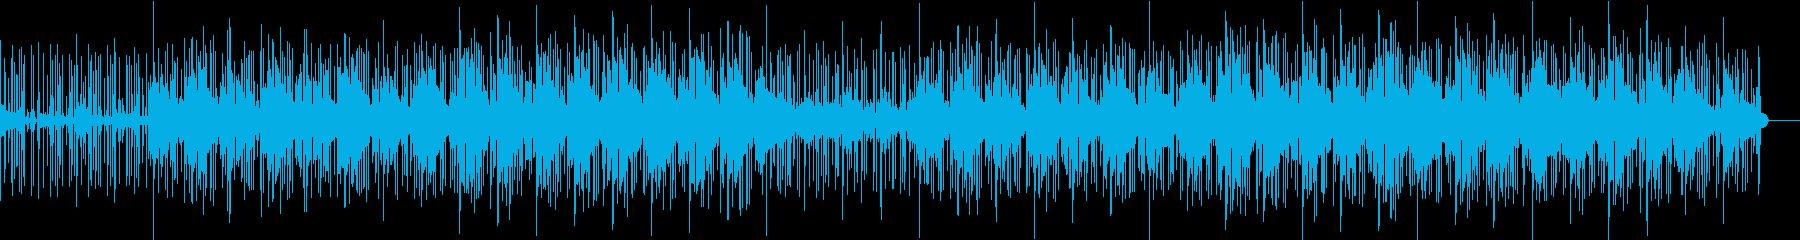 シックな大人のAOR retakeの再生済みの波形